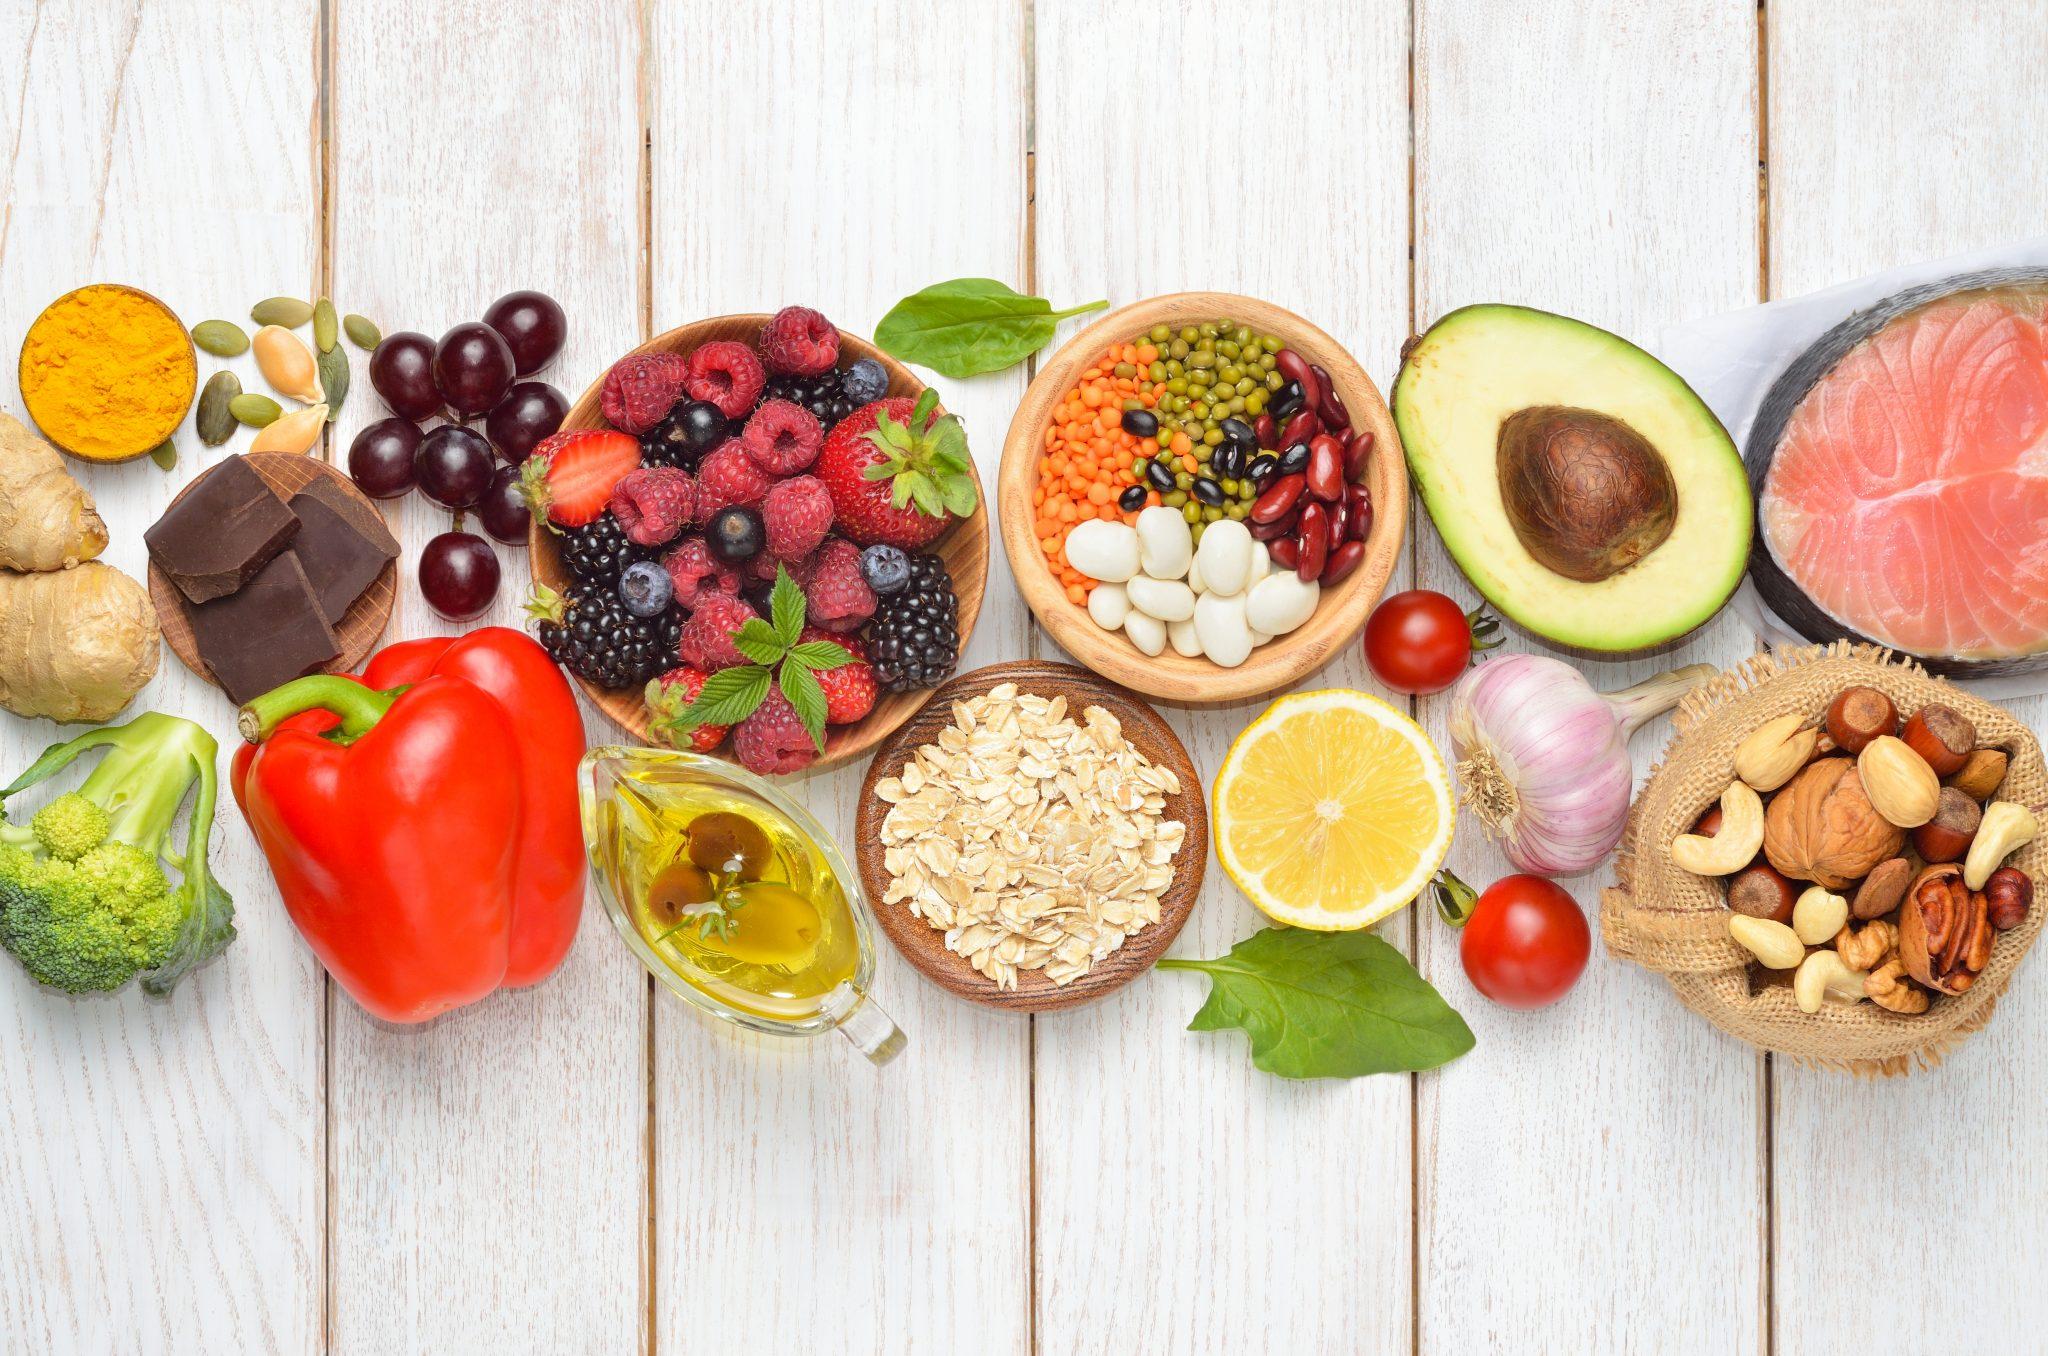 Mediterranean Diet and Mental Health